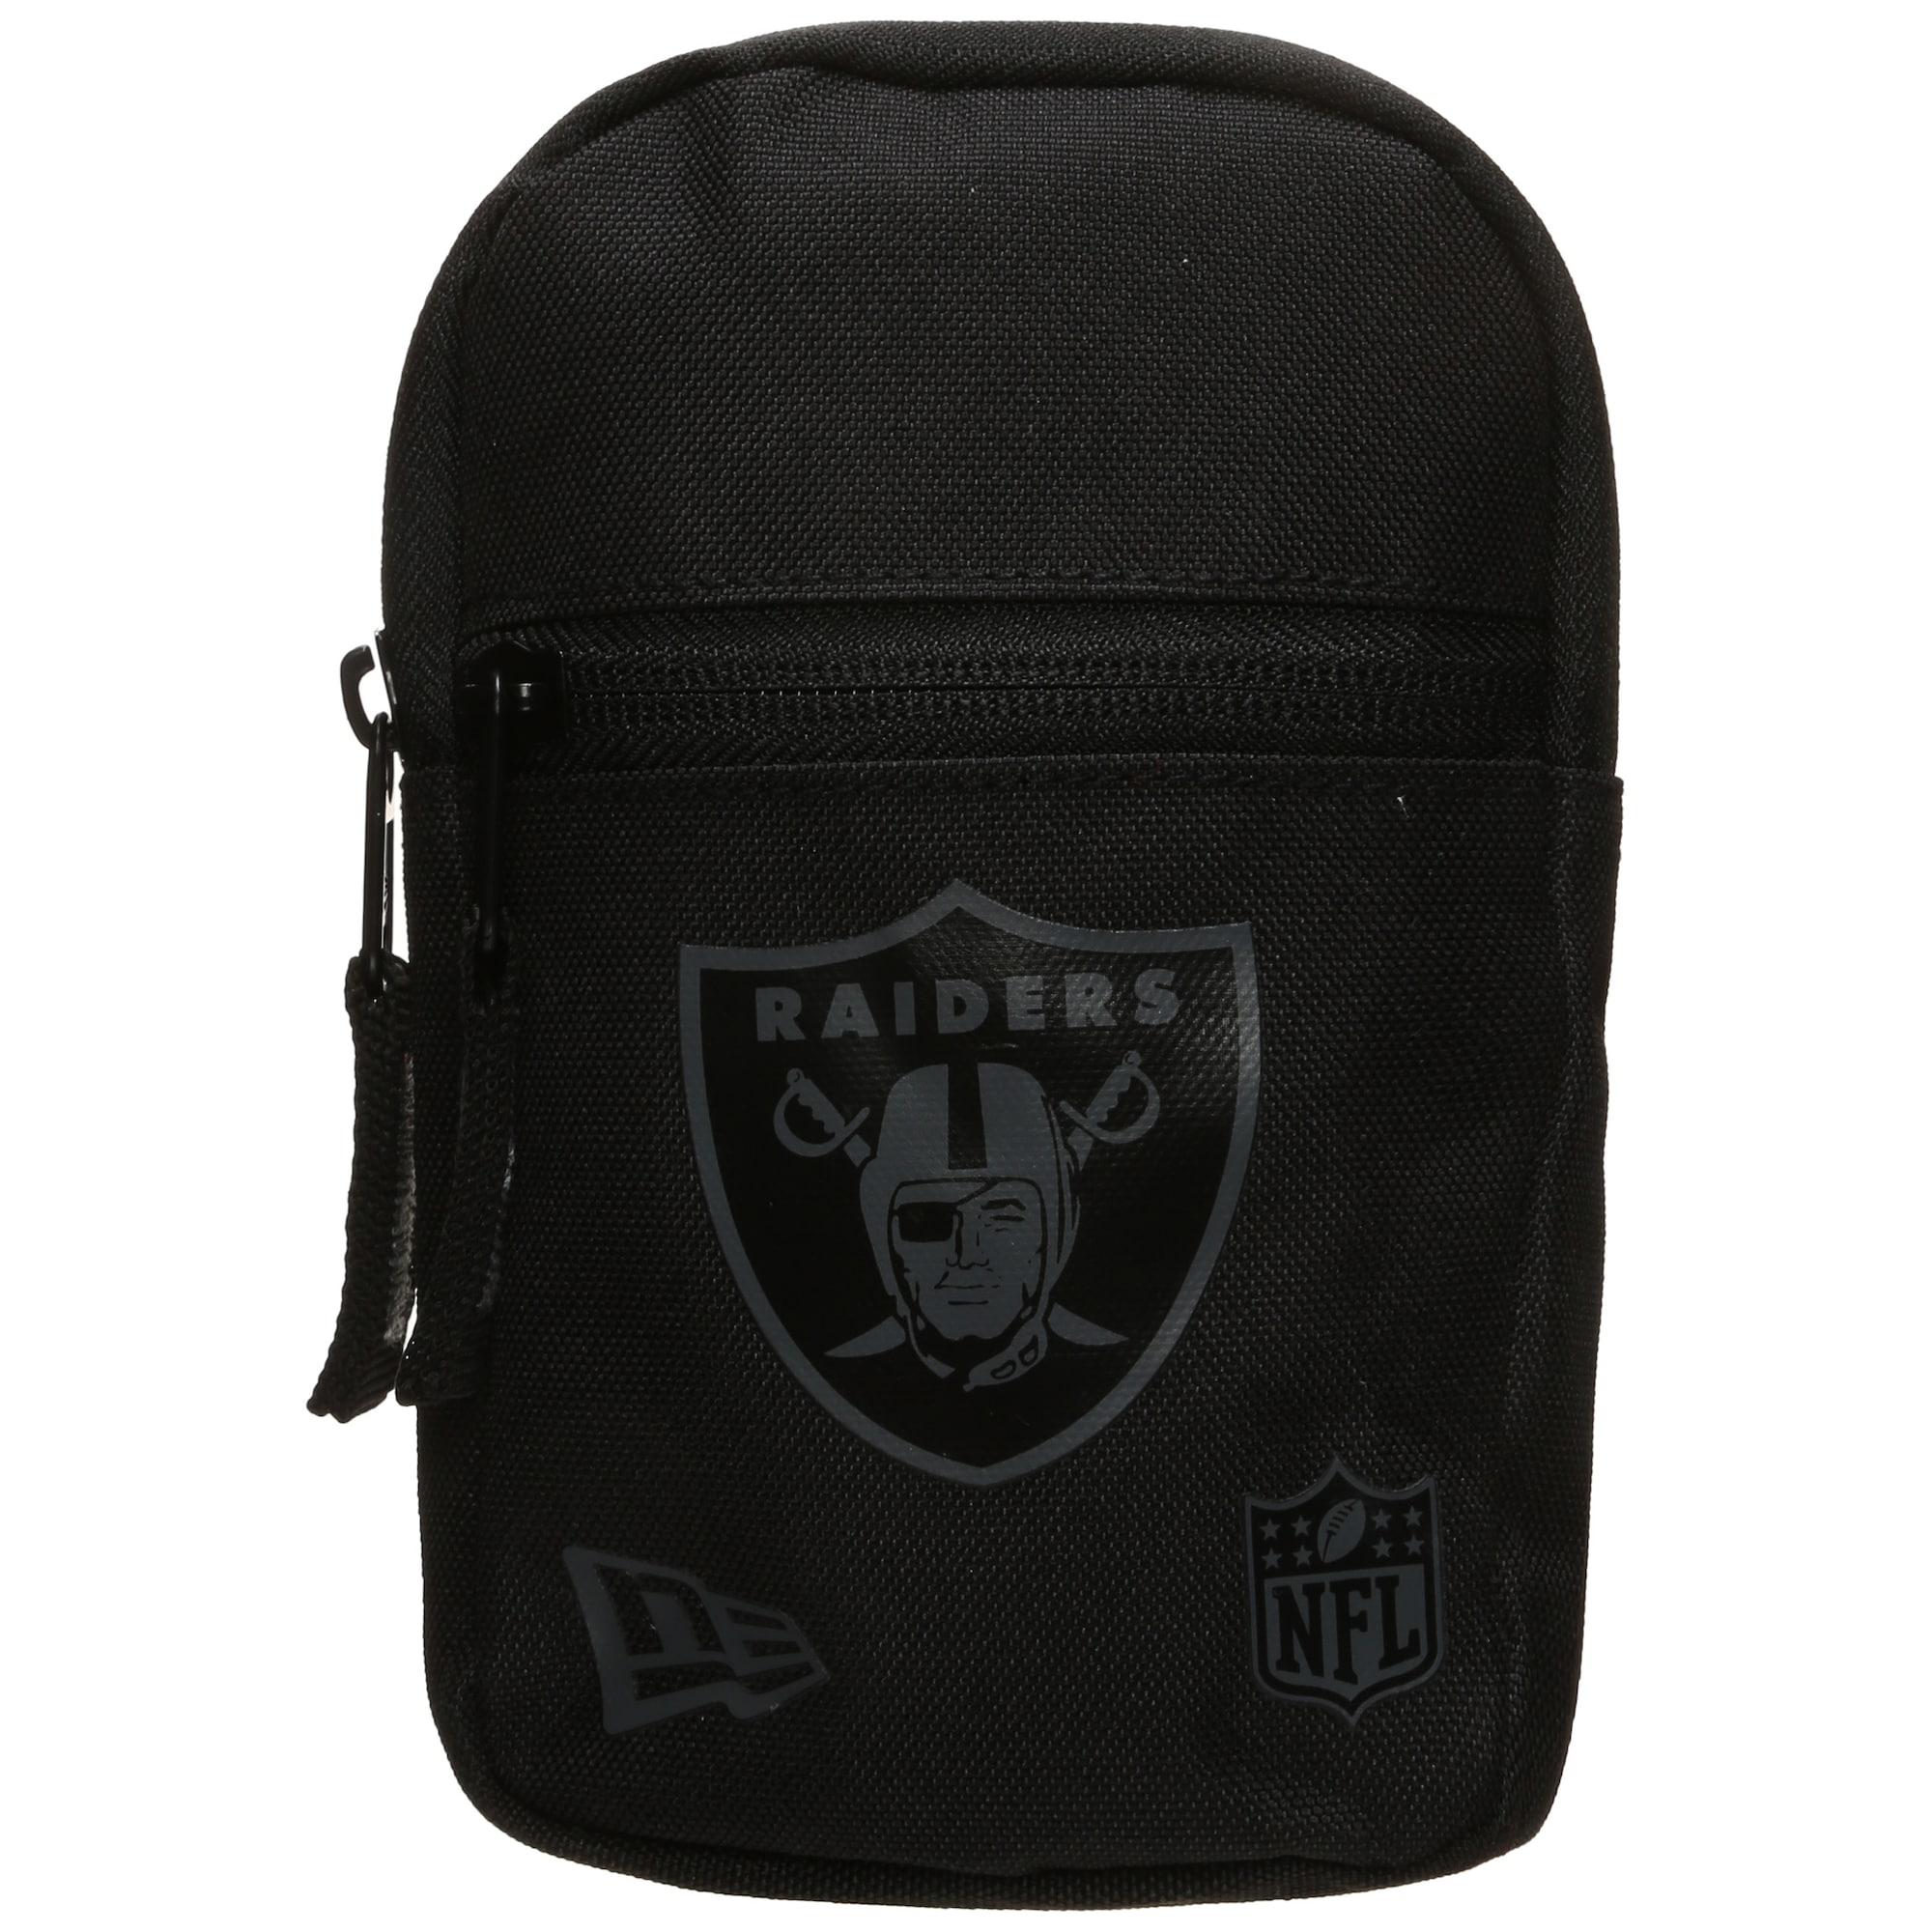 Schlüsseltasche 'NFL Oakland Raiders' | Accessoires > Portemonnaies > Schlüsseltaschen | new era